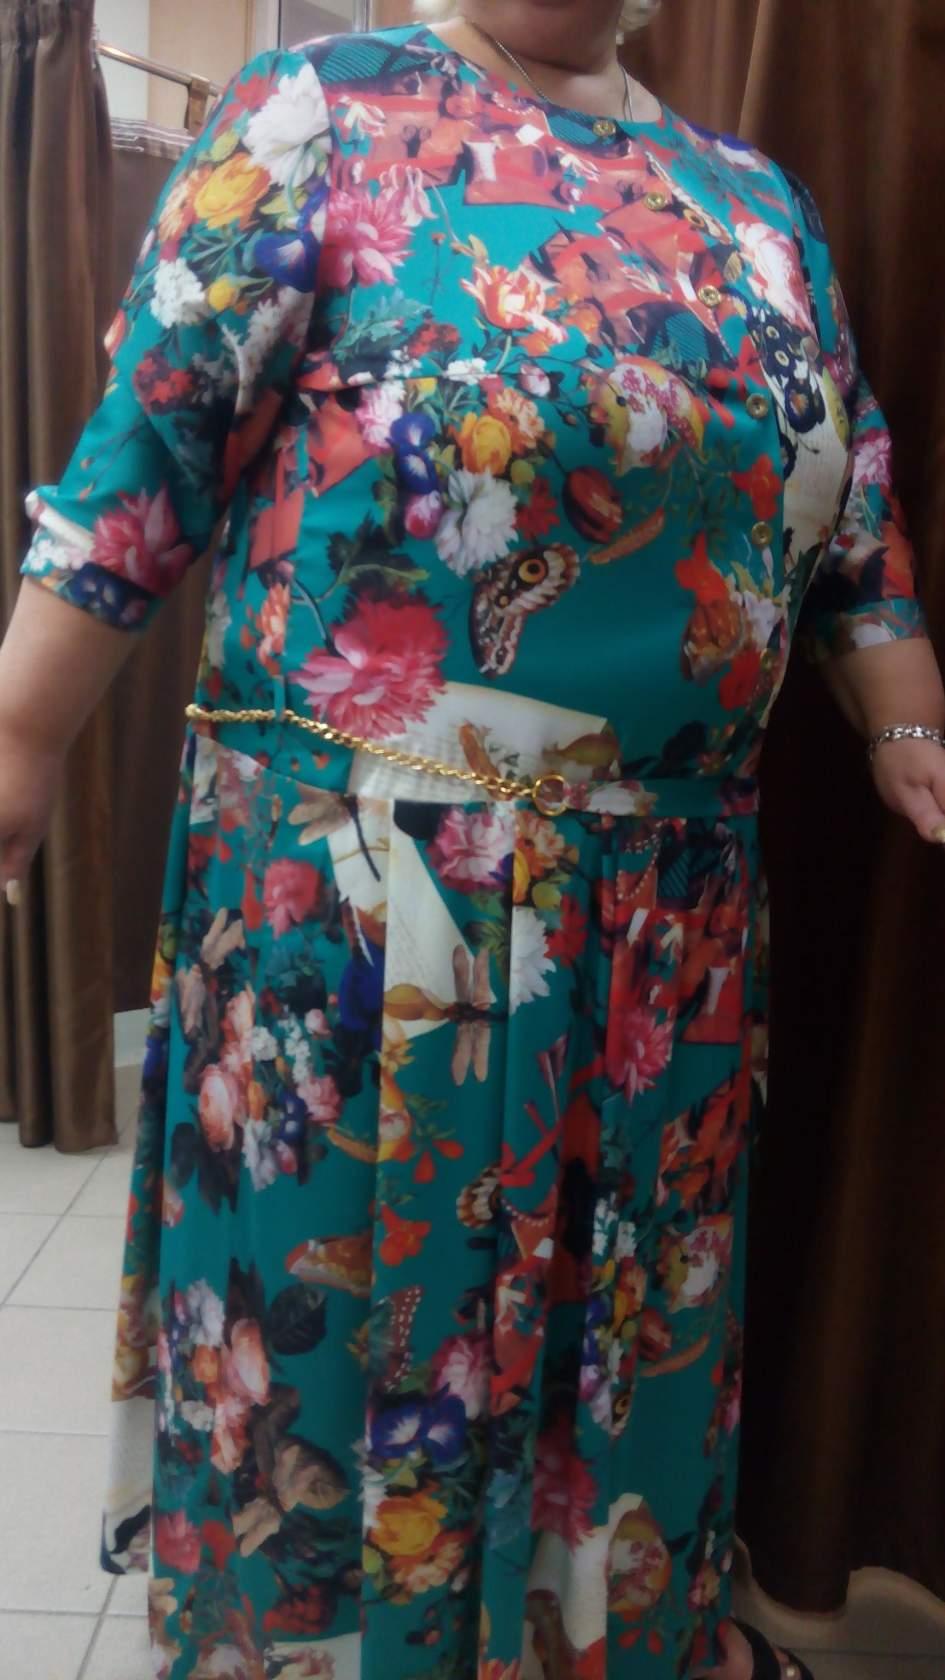 В ателье сшили 26 платьев, костюмов на 4 больше, чем платьев 92